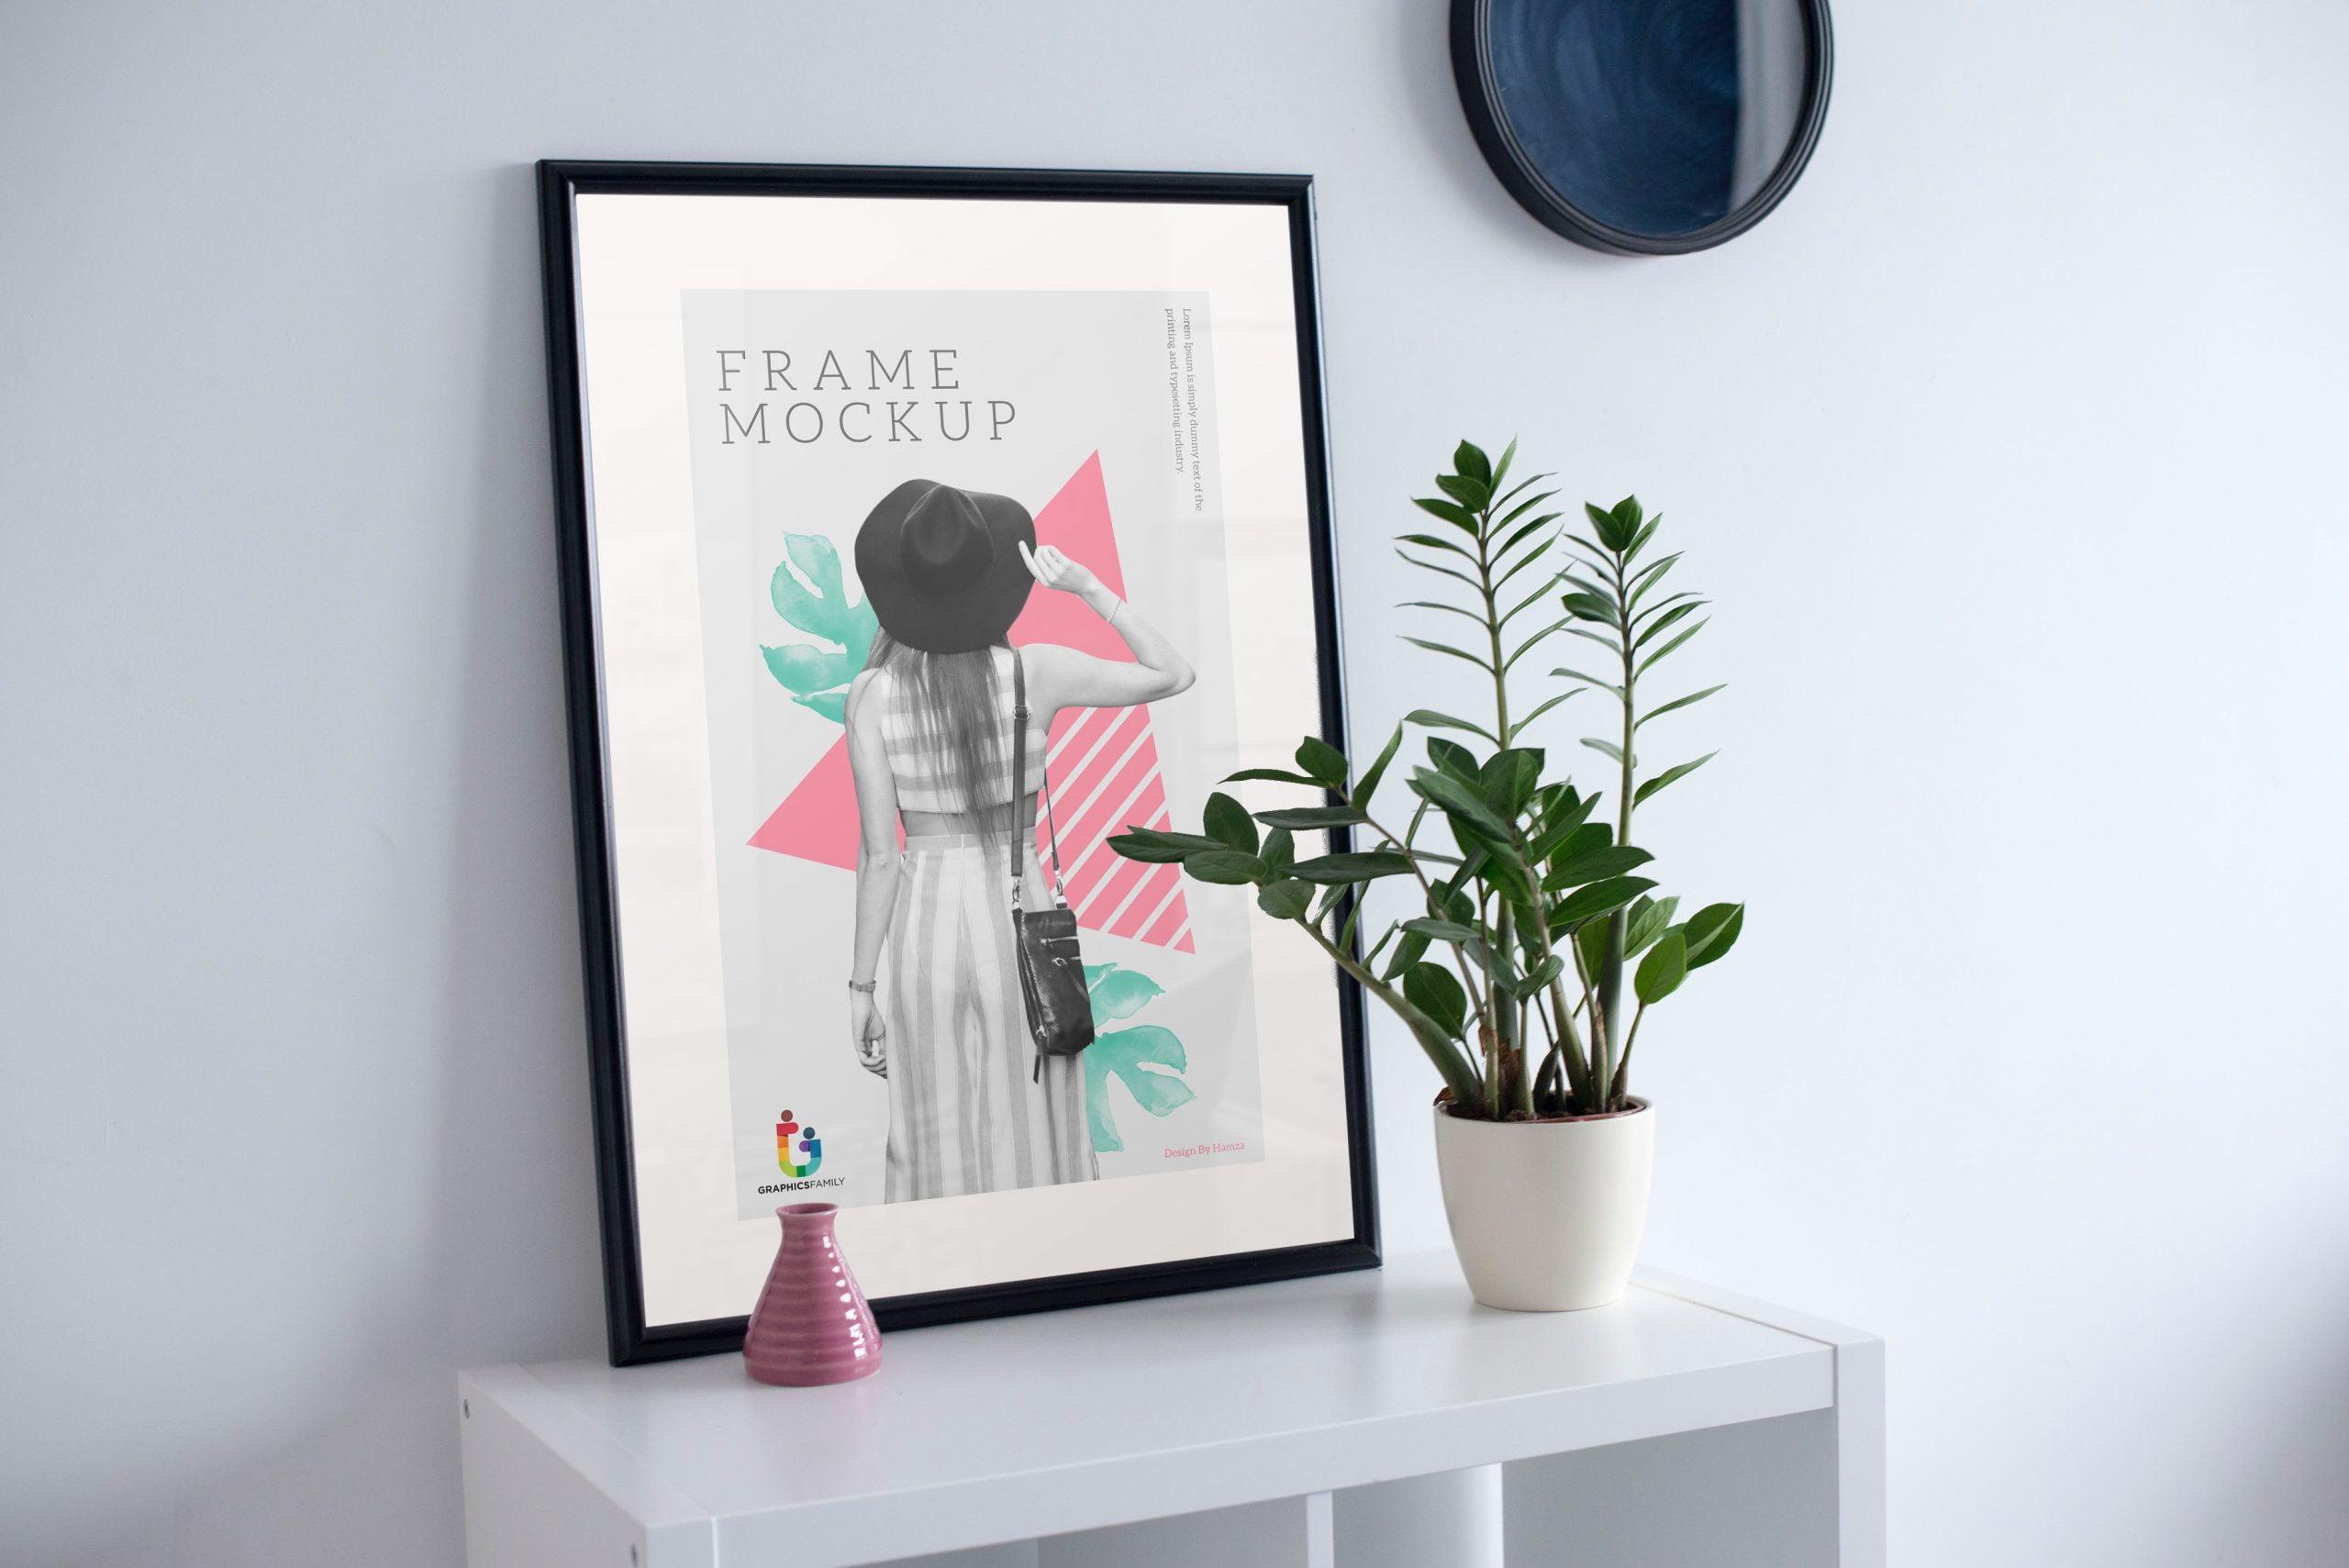 Frame Mockup Vol. 2